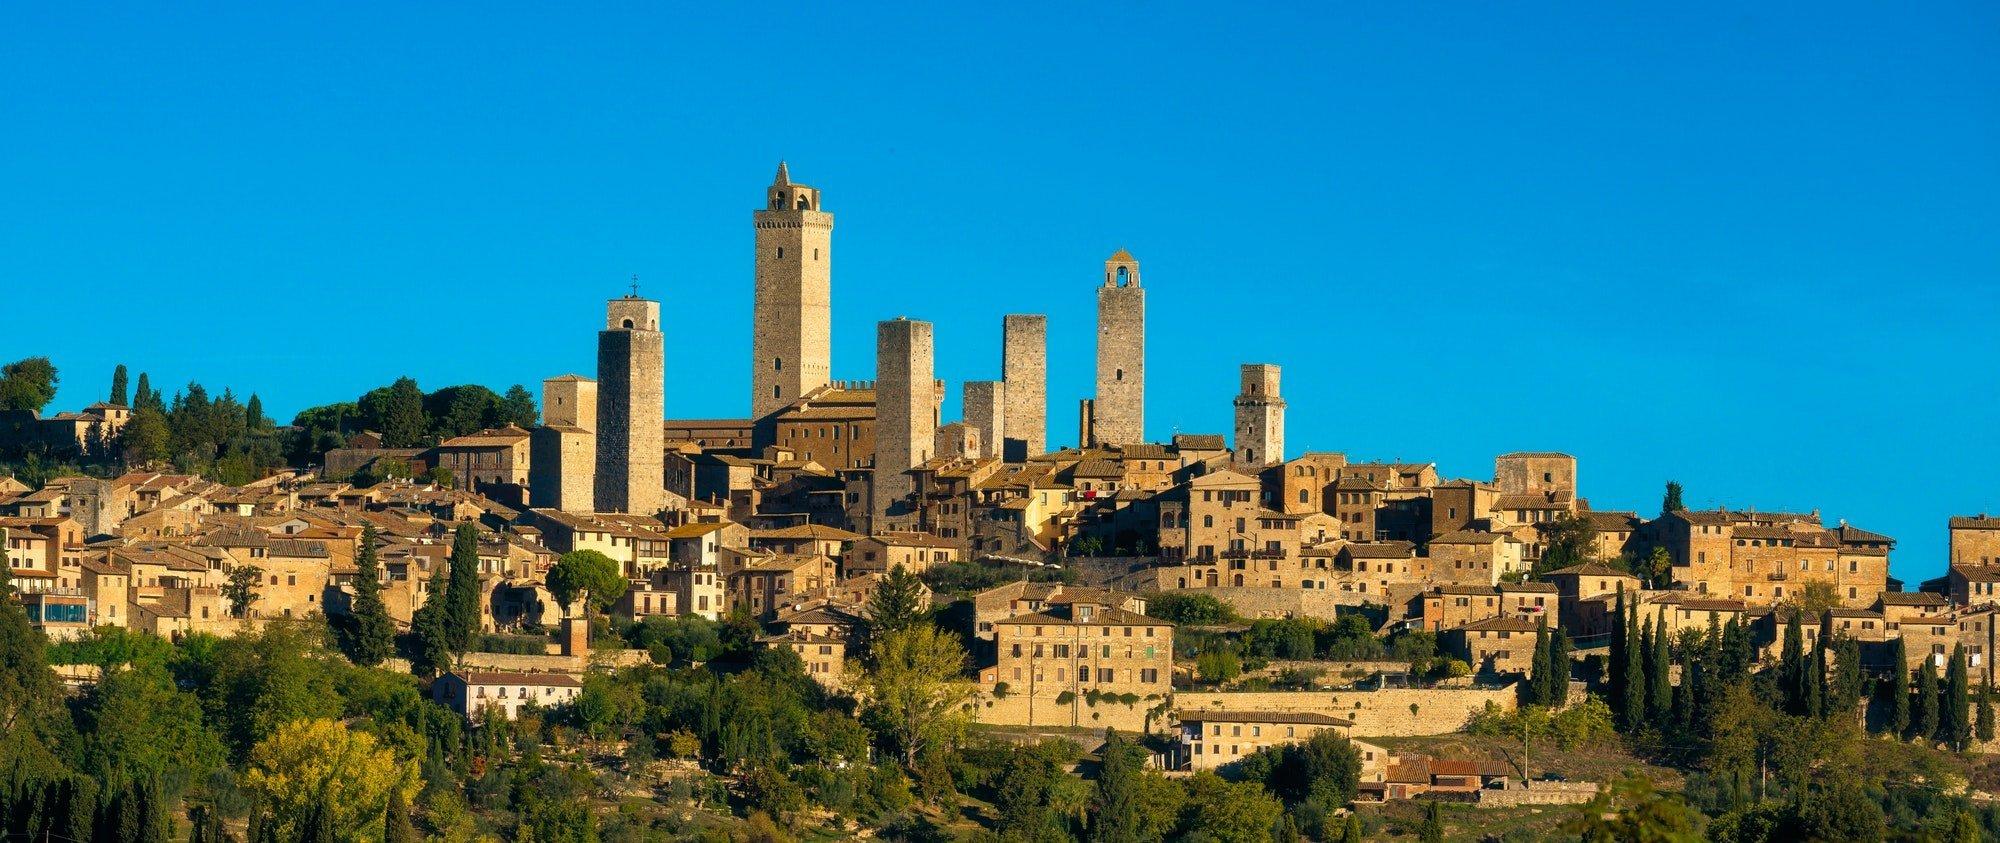 San Gimignano medieval town towers skyline panorama. Tuscany, It